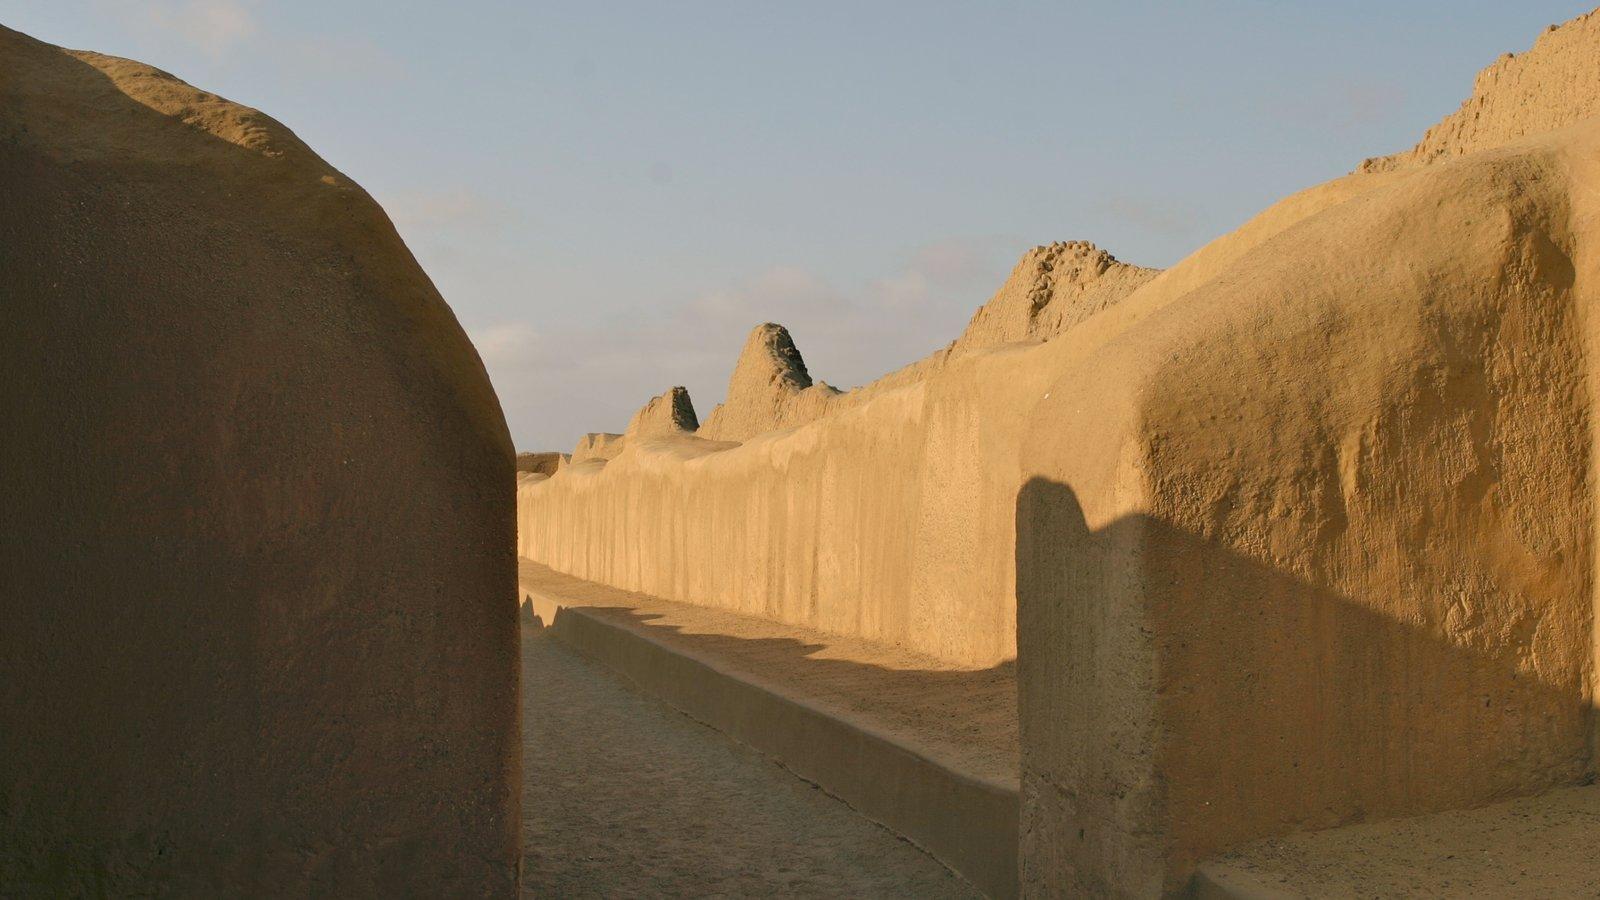 Chan Chan caracterizando ruínas de edifício, elementos de patrimônio e arquitetura de patrimônio